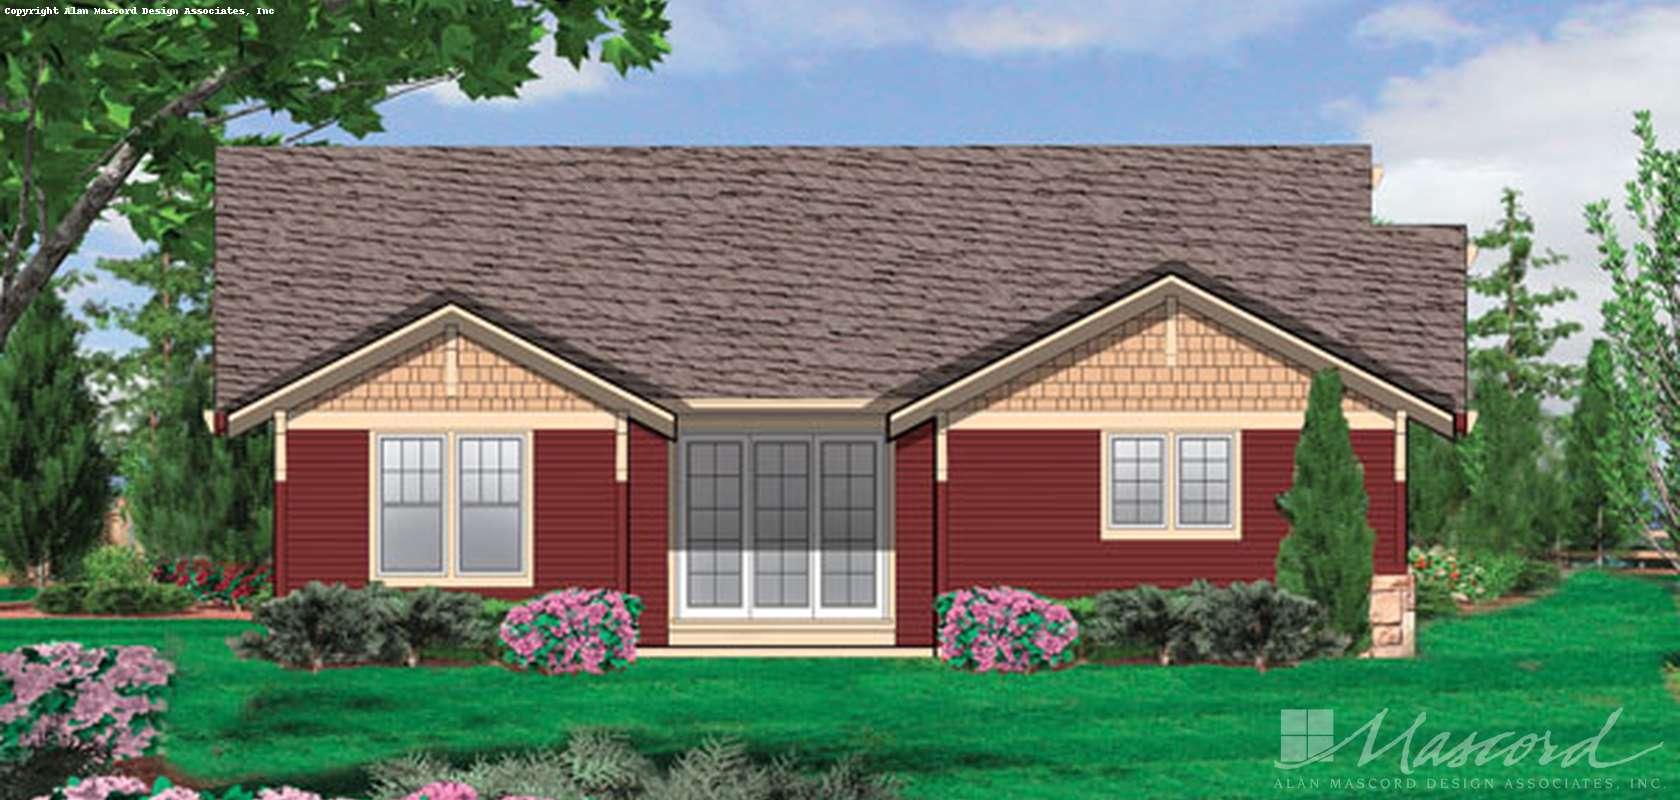 Mascord House Plan 1154: The Ellington